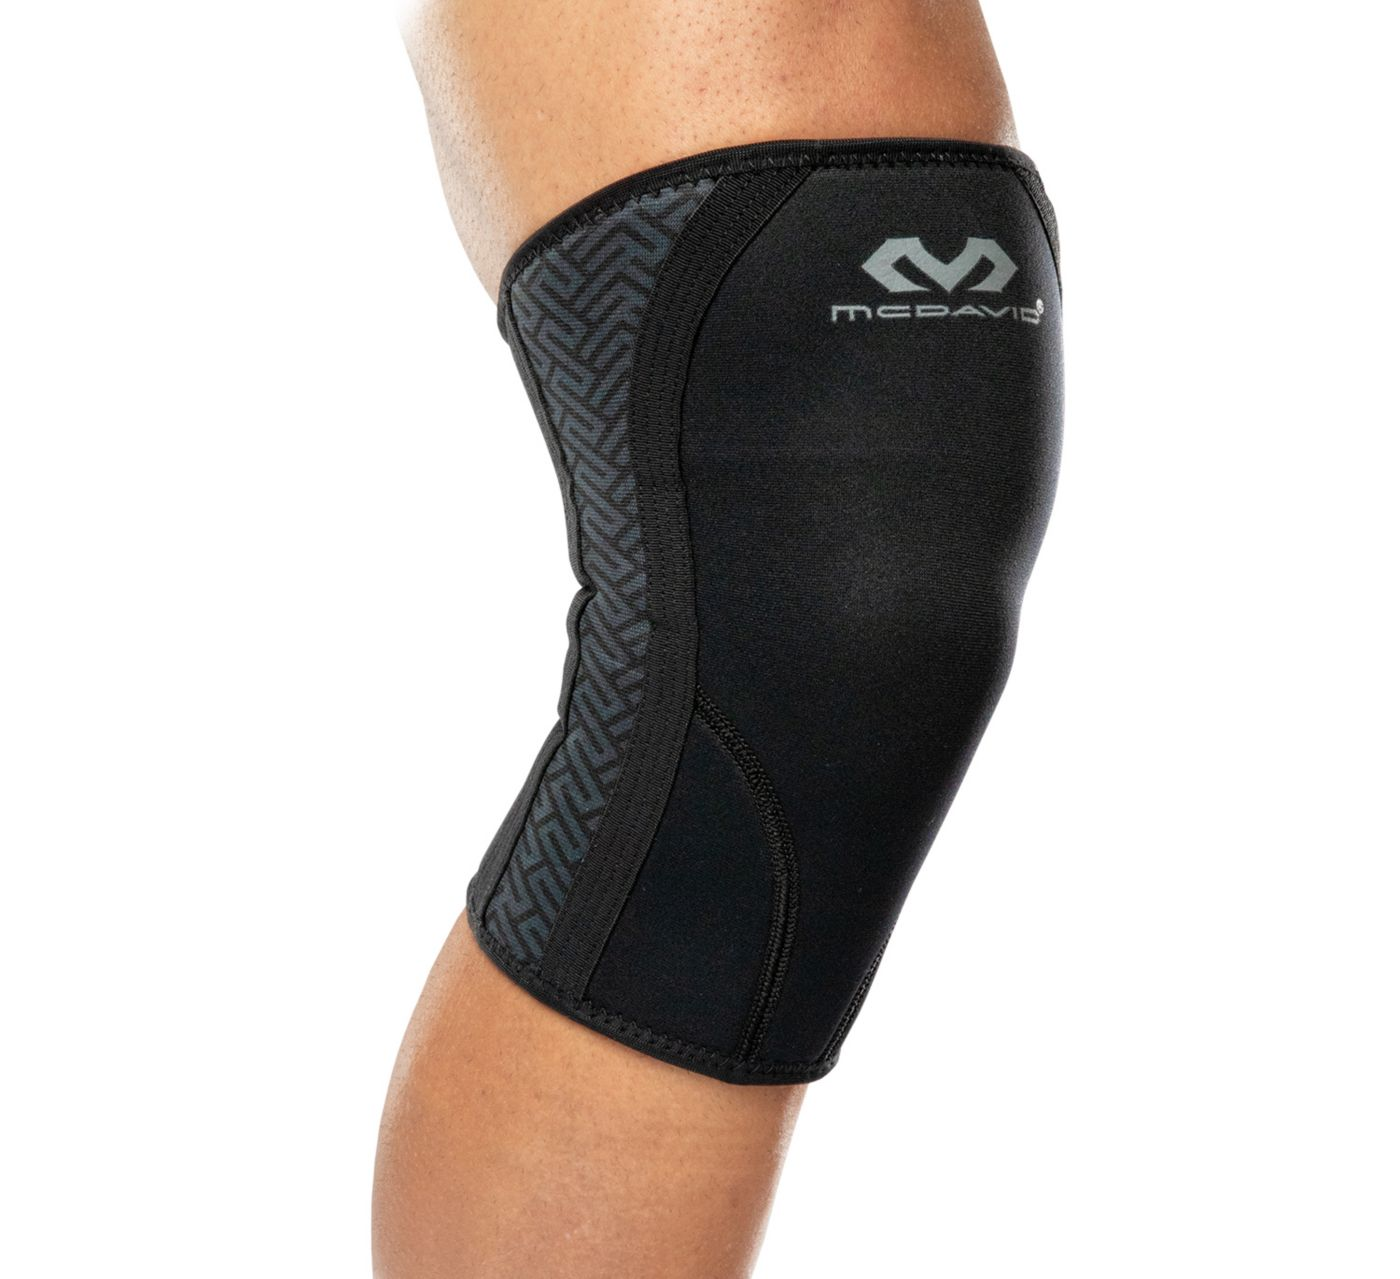 McDavid Weightlifting Knee Sleeves